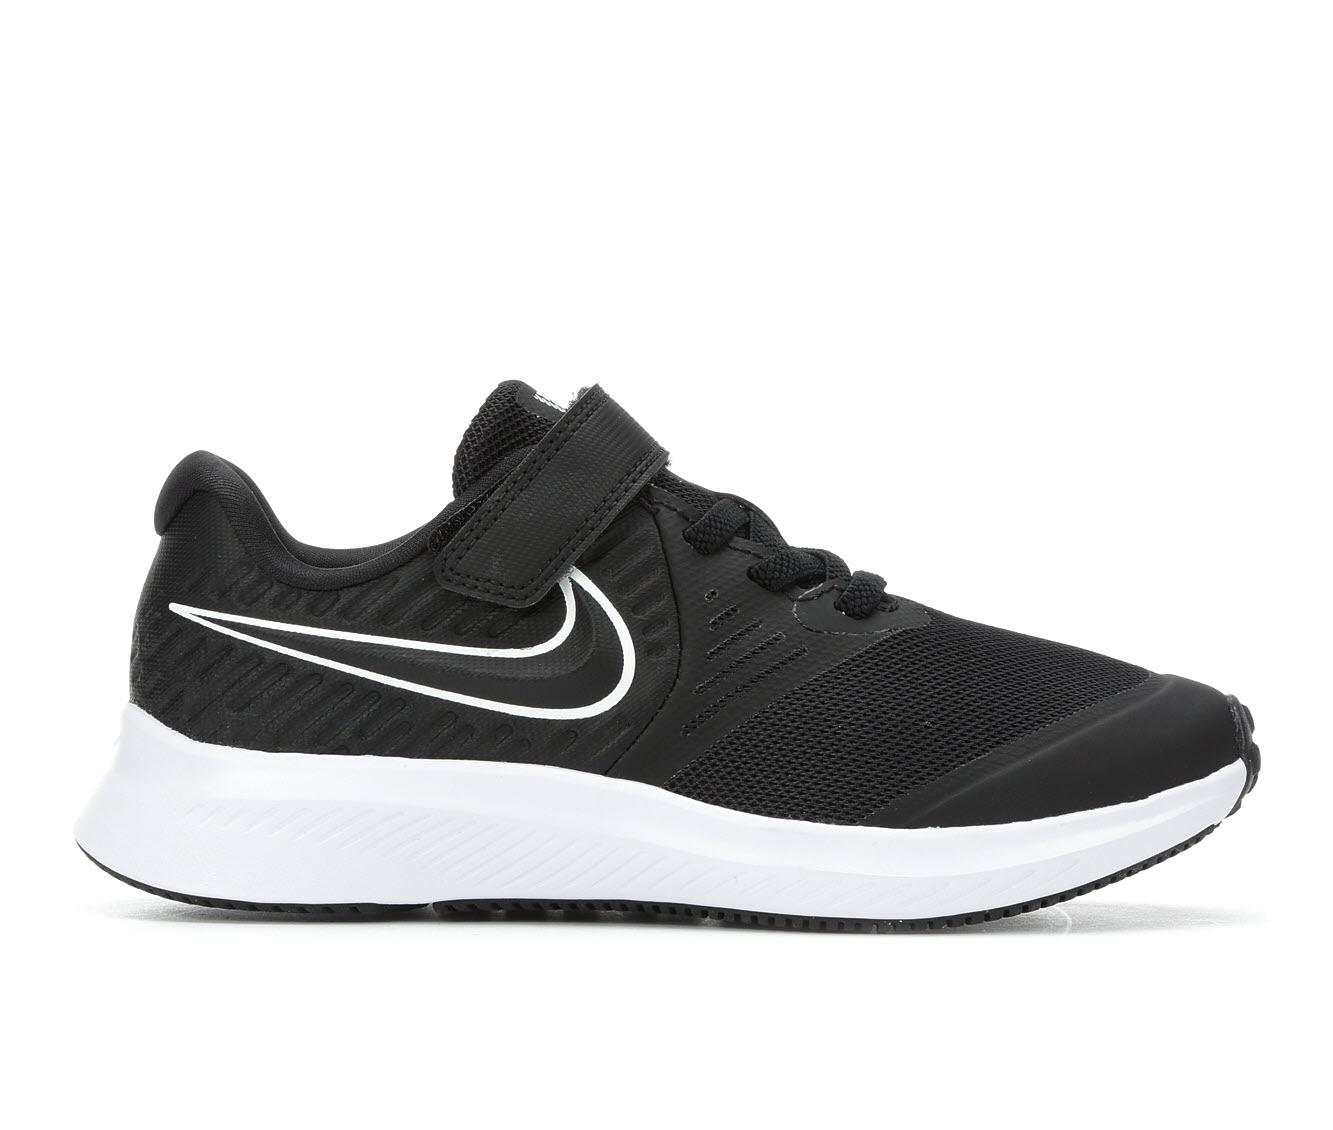 Nike Little Kid Star Runner 2 Children's Athletic Shoe (Black - Size 11.5 - Little Kid)